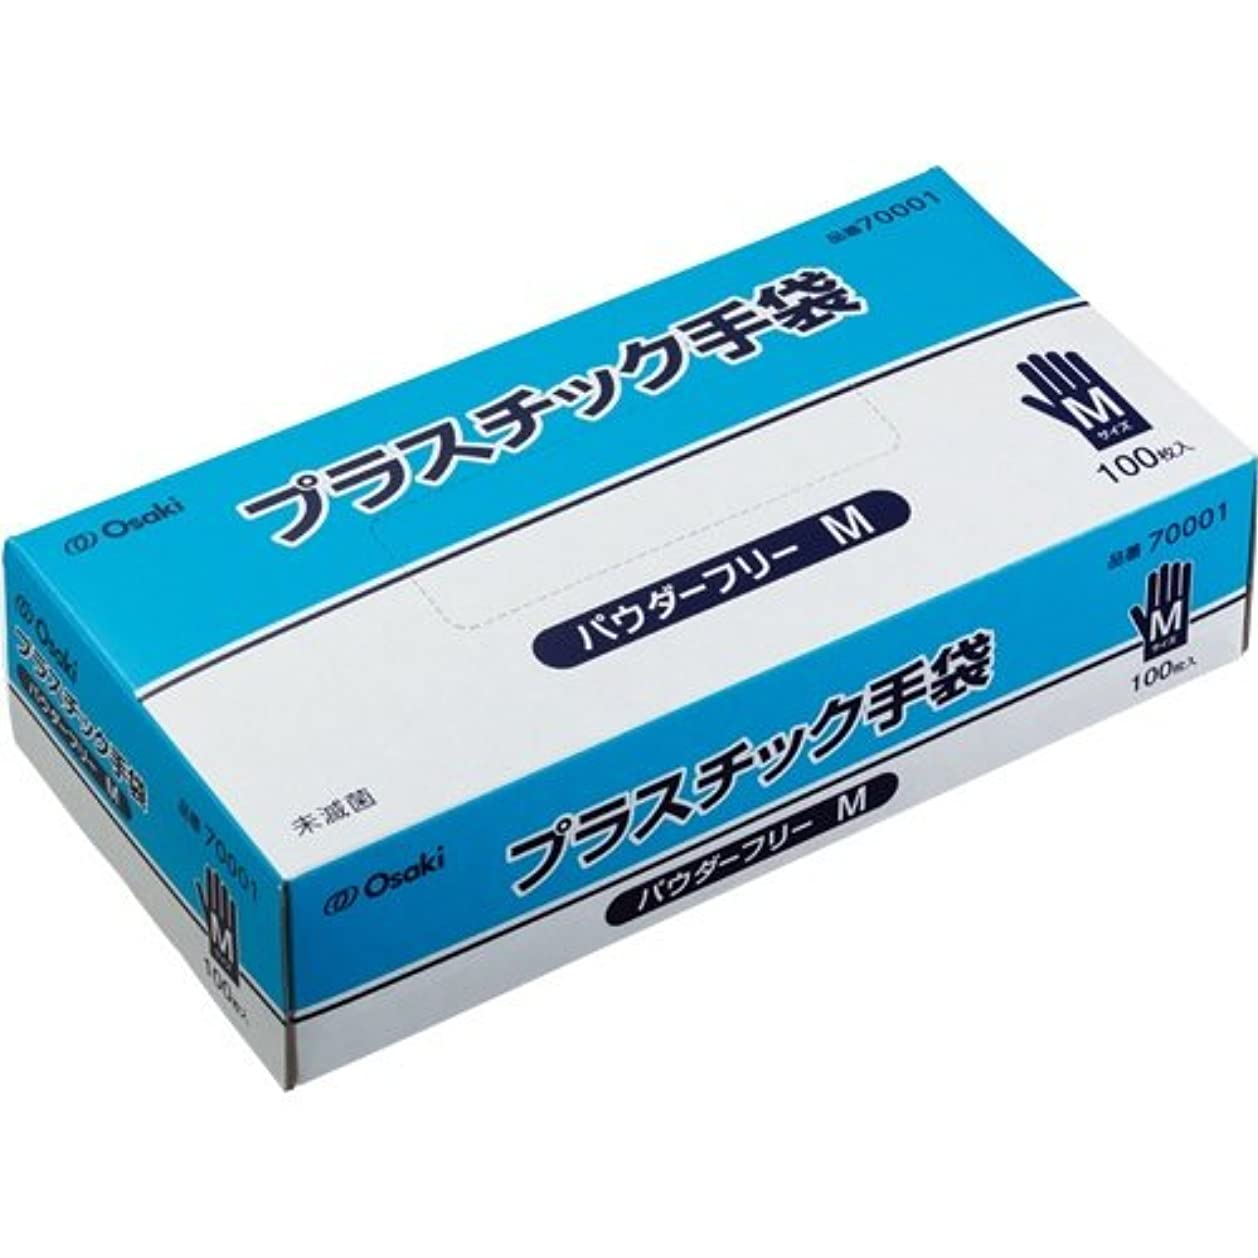 入浴保守可能有限オオサキメディカル オオサキプラスチック手袋 パウダーフリー M 70001 1セット(2000枚:100枚×20箱)